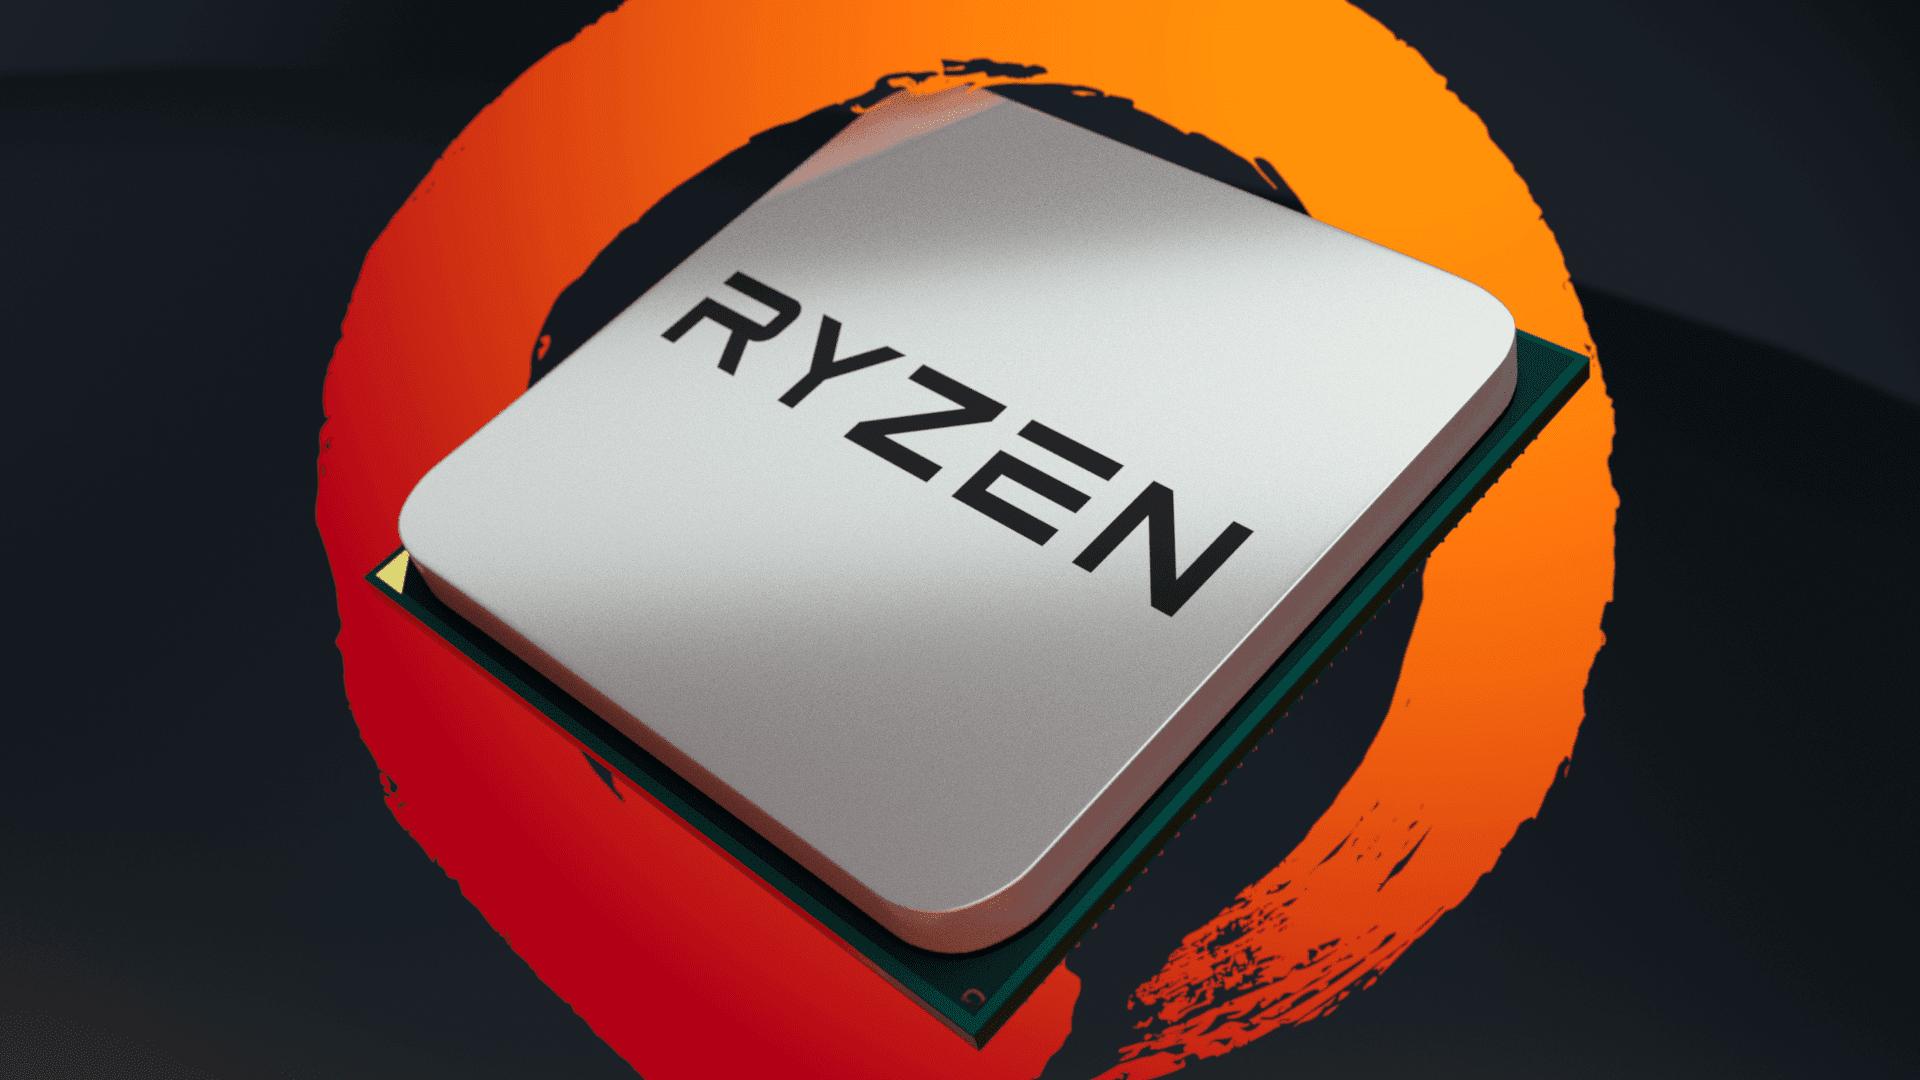 AMD RYZEN CPU - Pubblicati i benchmark del nuovo Ryzen 7 2000 a 4.35GHz